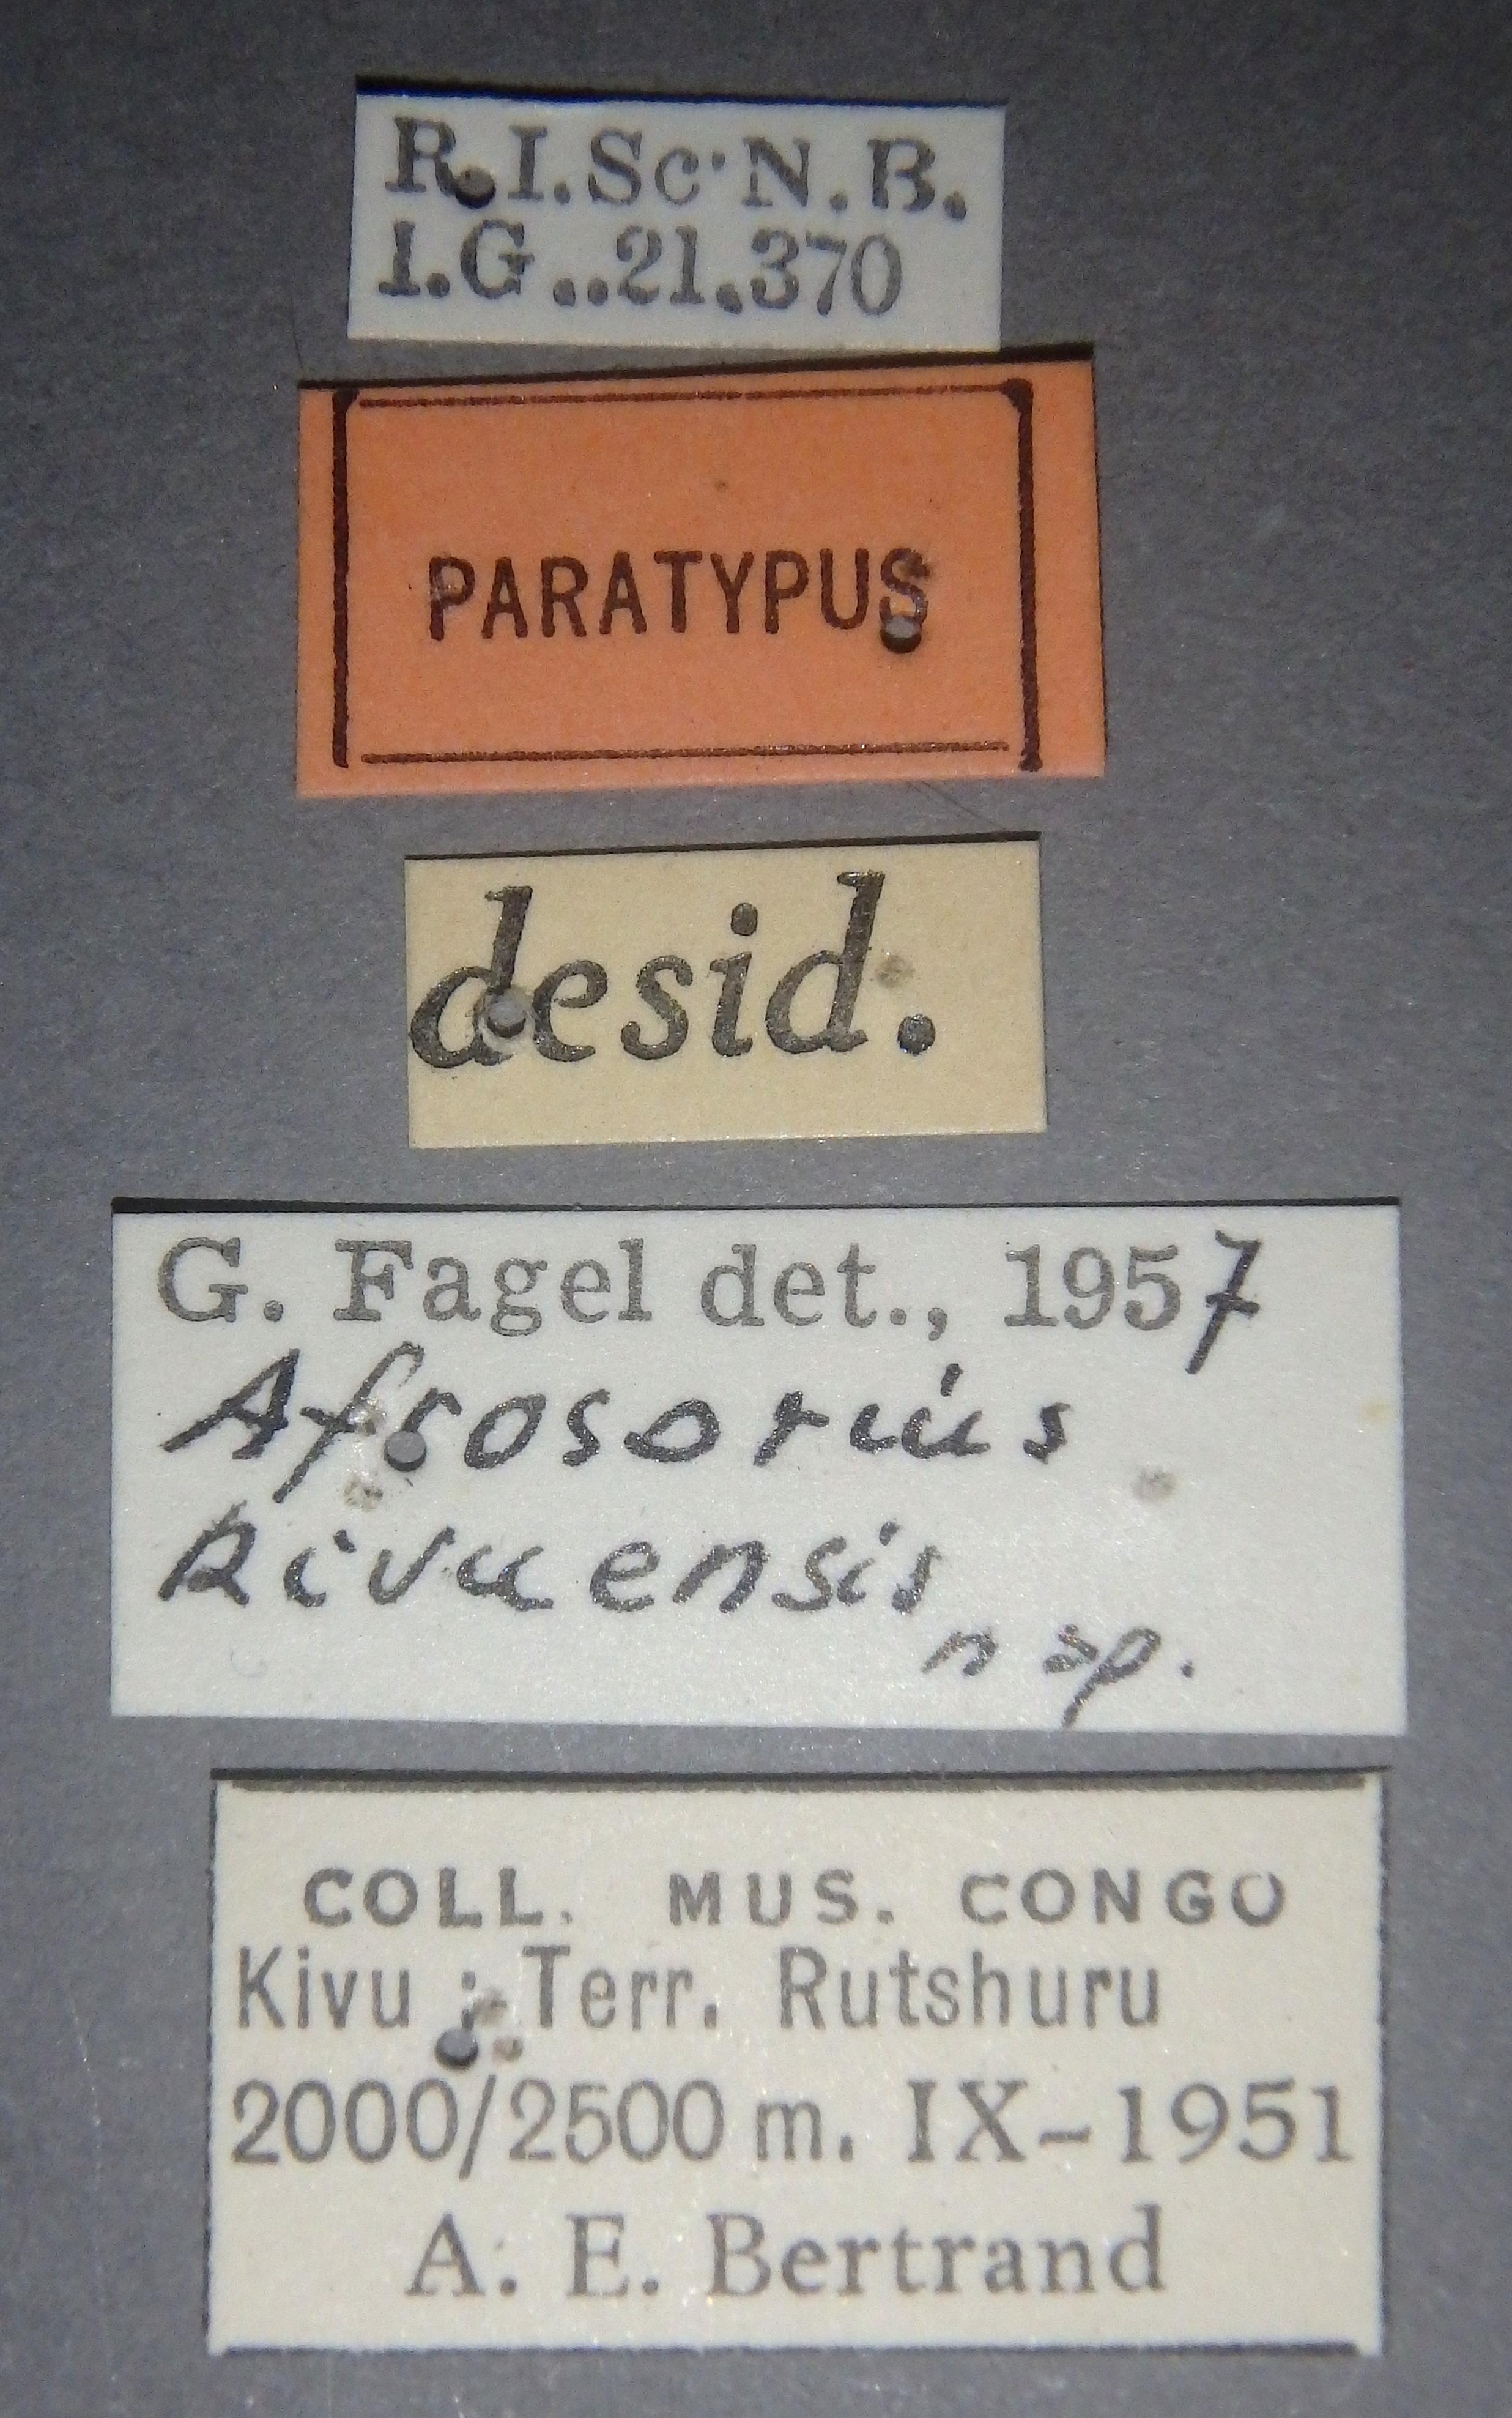 Afrosorius kivuensis pt Lb.JPG